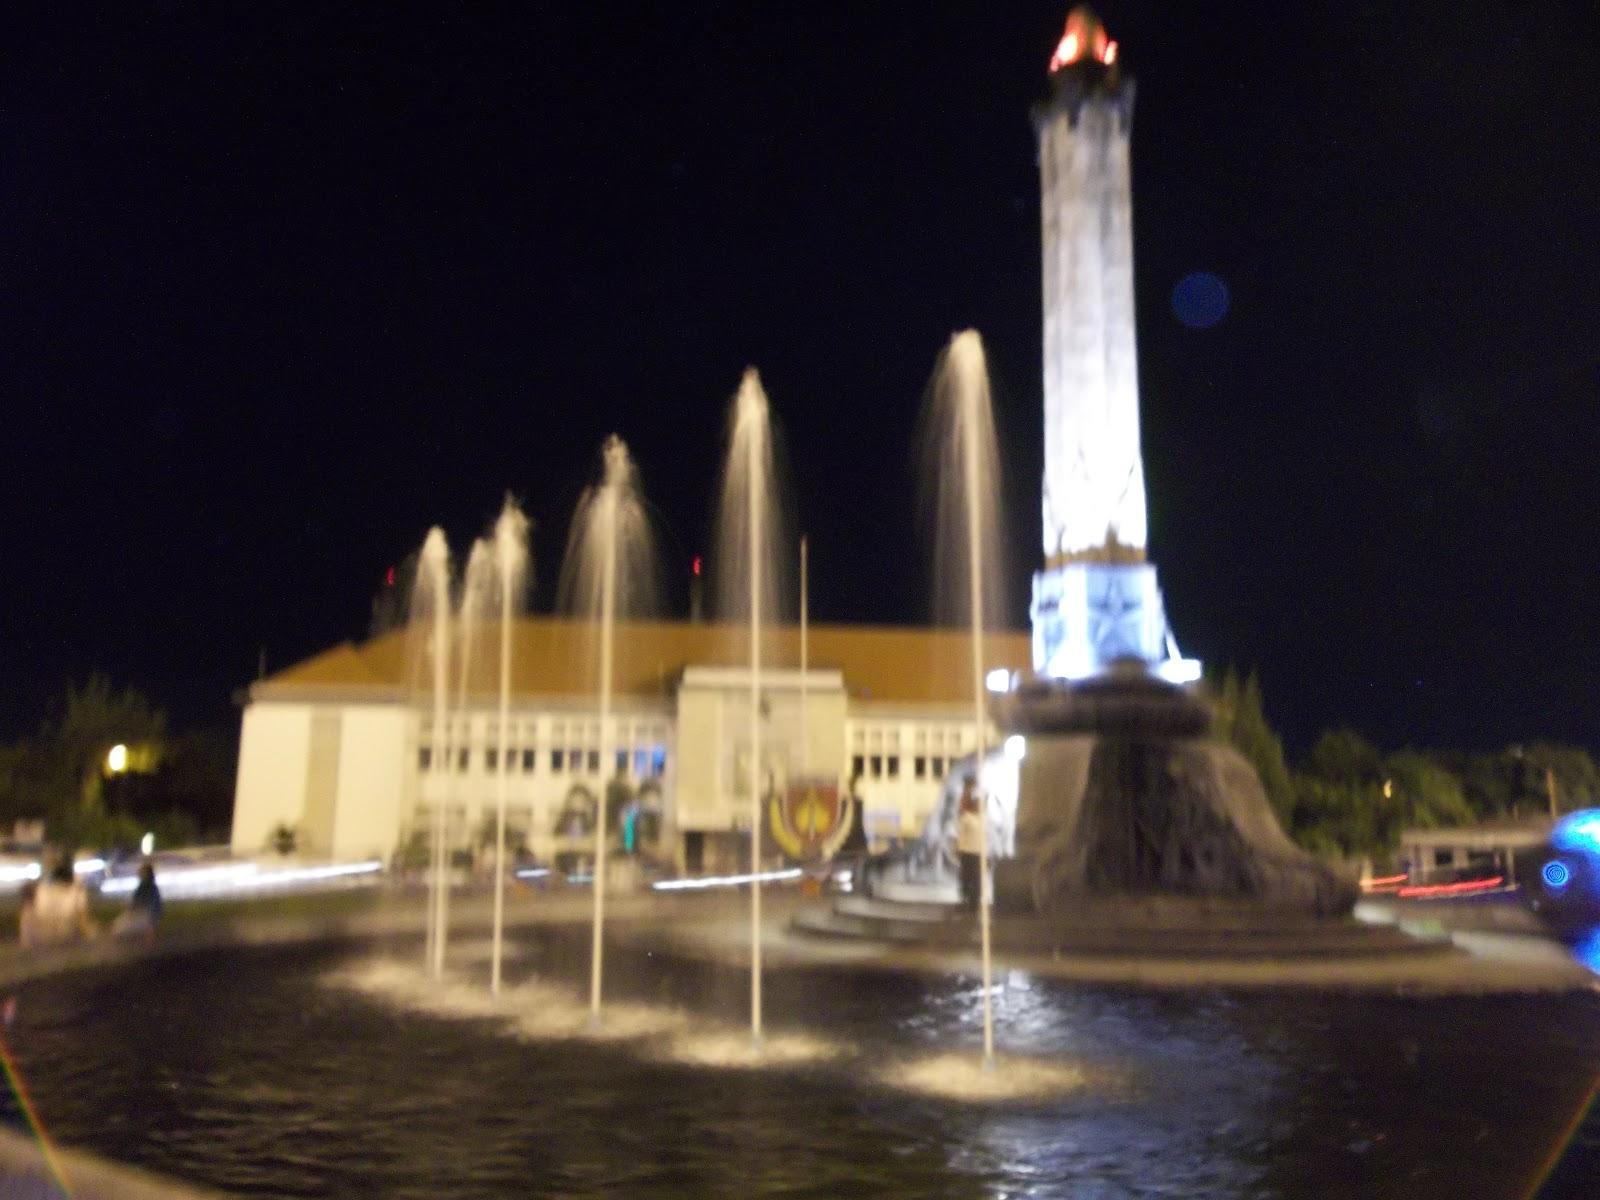 2012 10 21 Berbagi Ilmu Tugu Muda Sebuah Monumen Dibuat